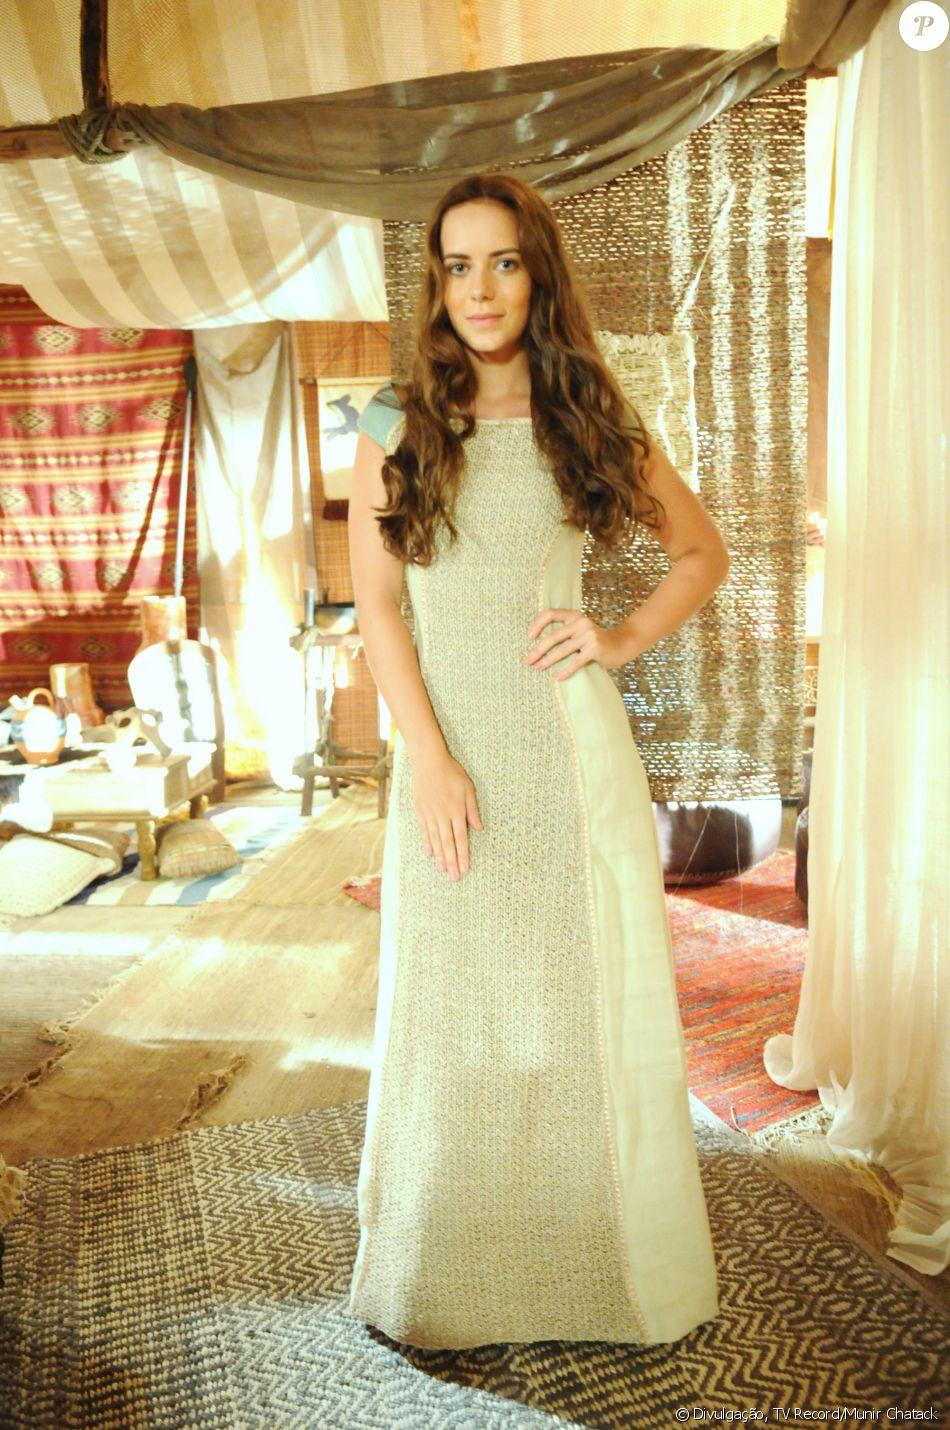 Livana (Letícia Medina) é uma mocinha ingênua, assediada por Maquir (Alexandre Slaviero), de quem engravida e apaixonada por Rune (Douglas Sampaio), na novela 'A Terra Prometida'